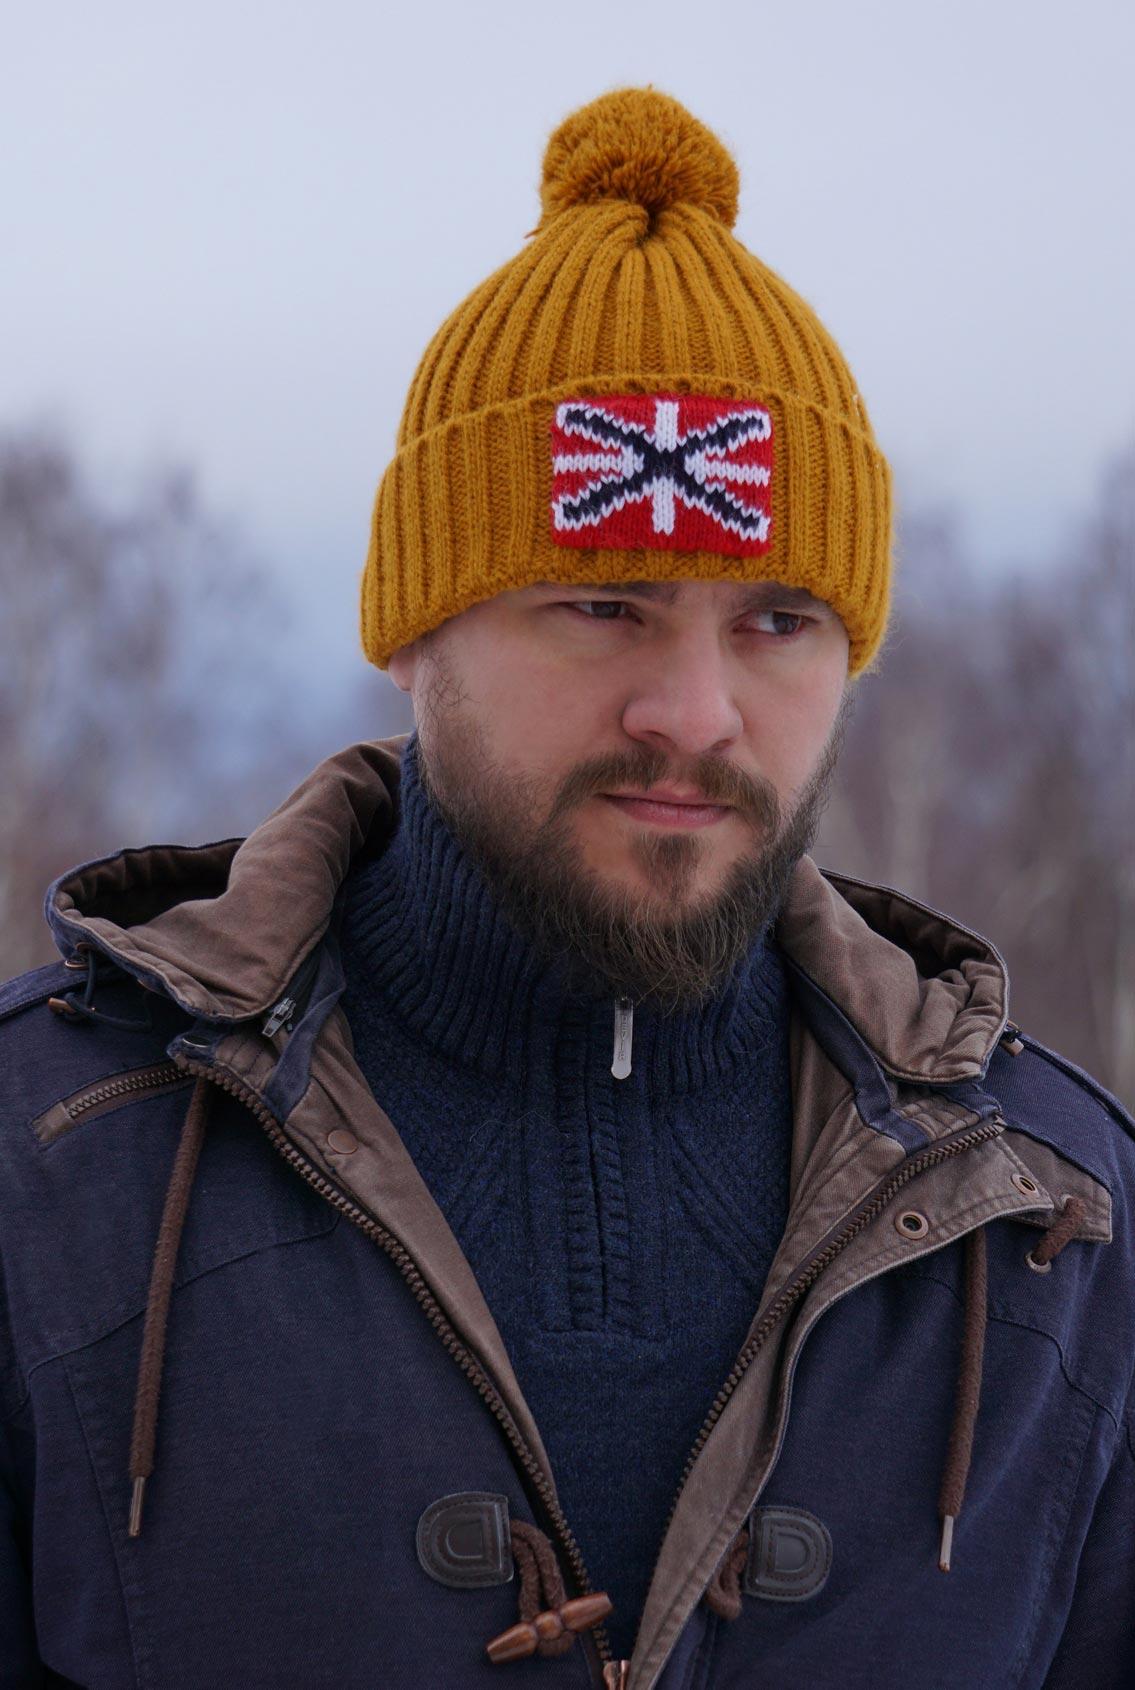 шапка с крестом, hat with cross